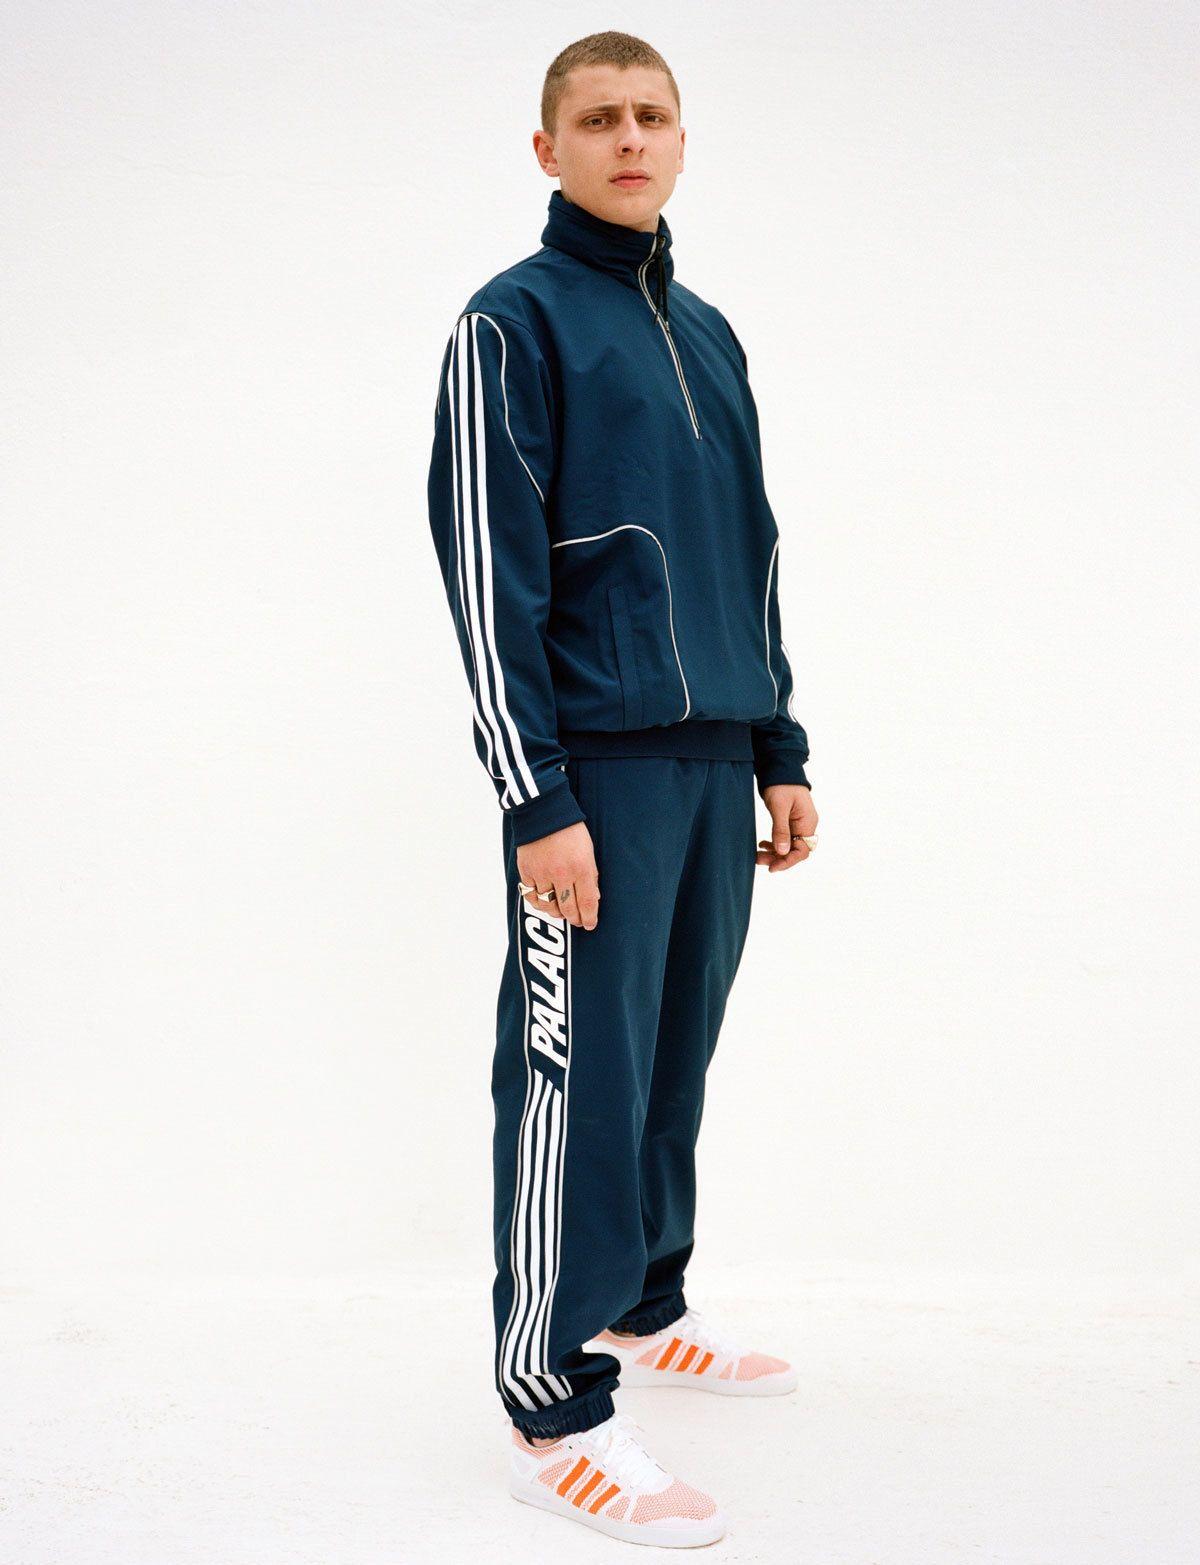 haute couture collection entière survetement adidas trois